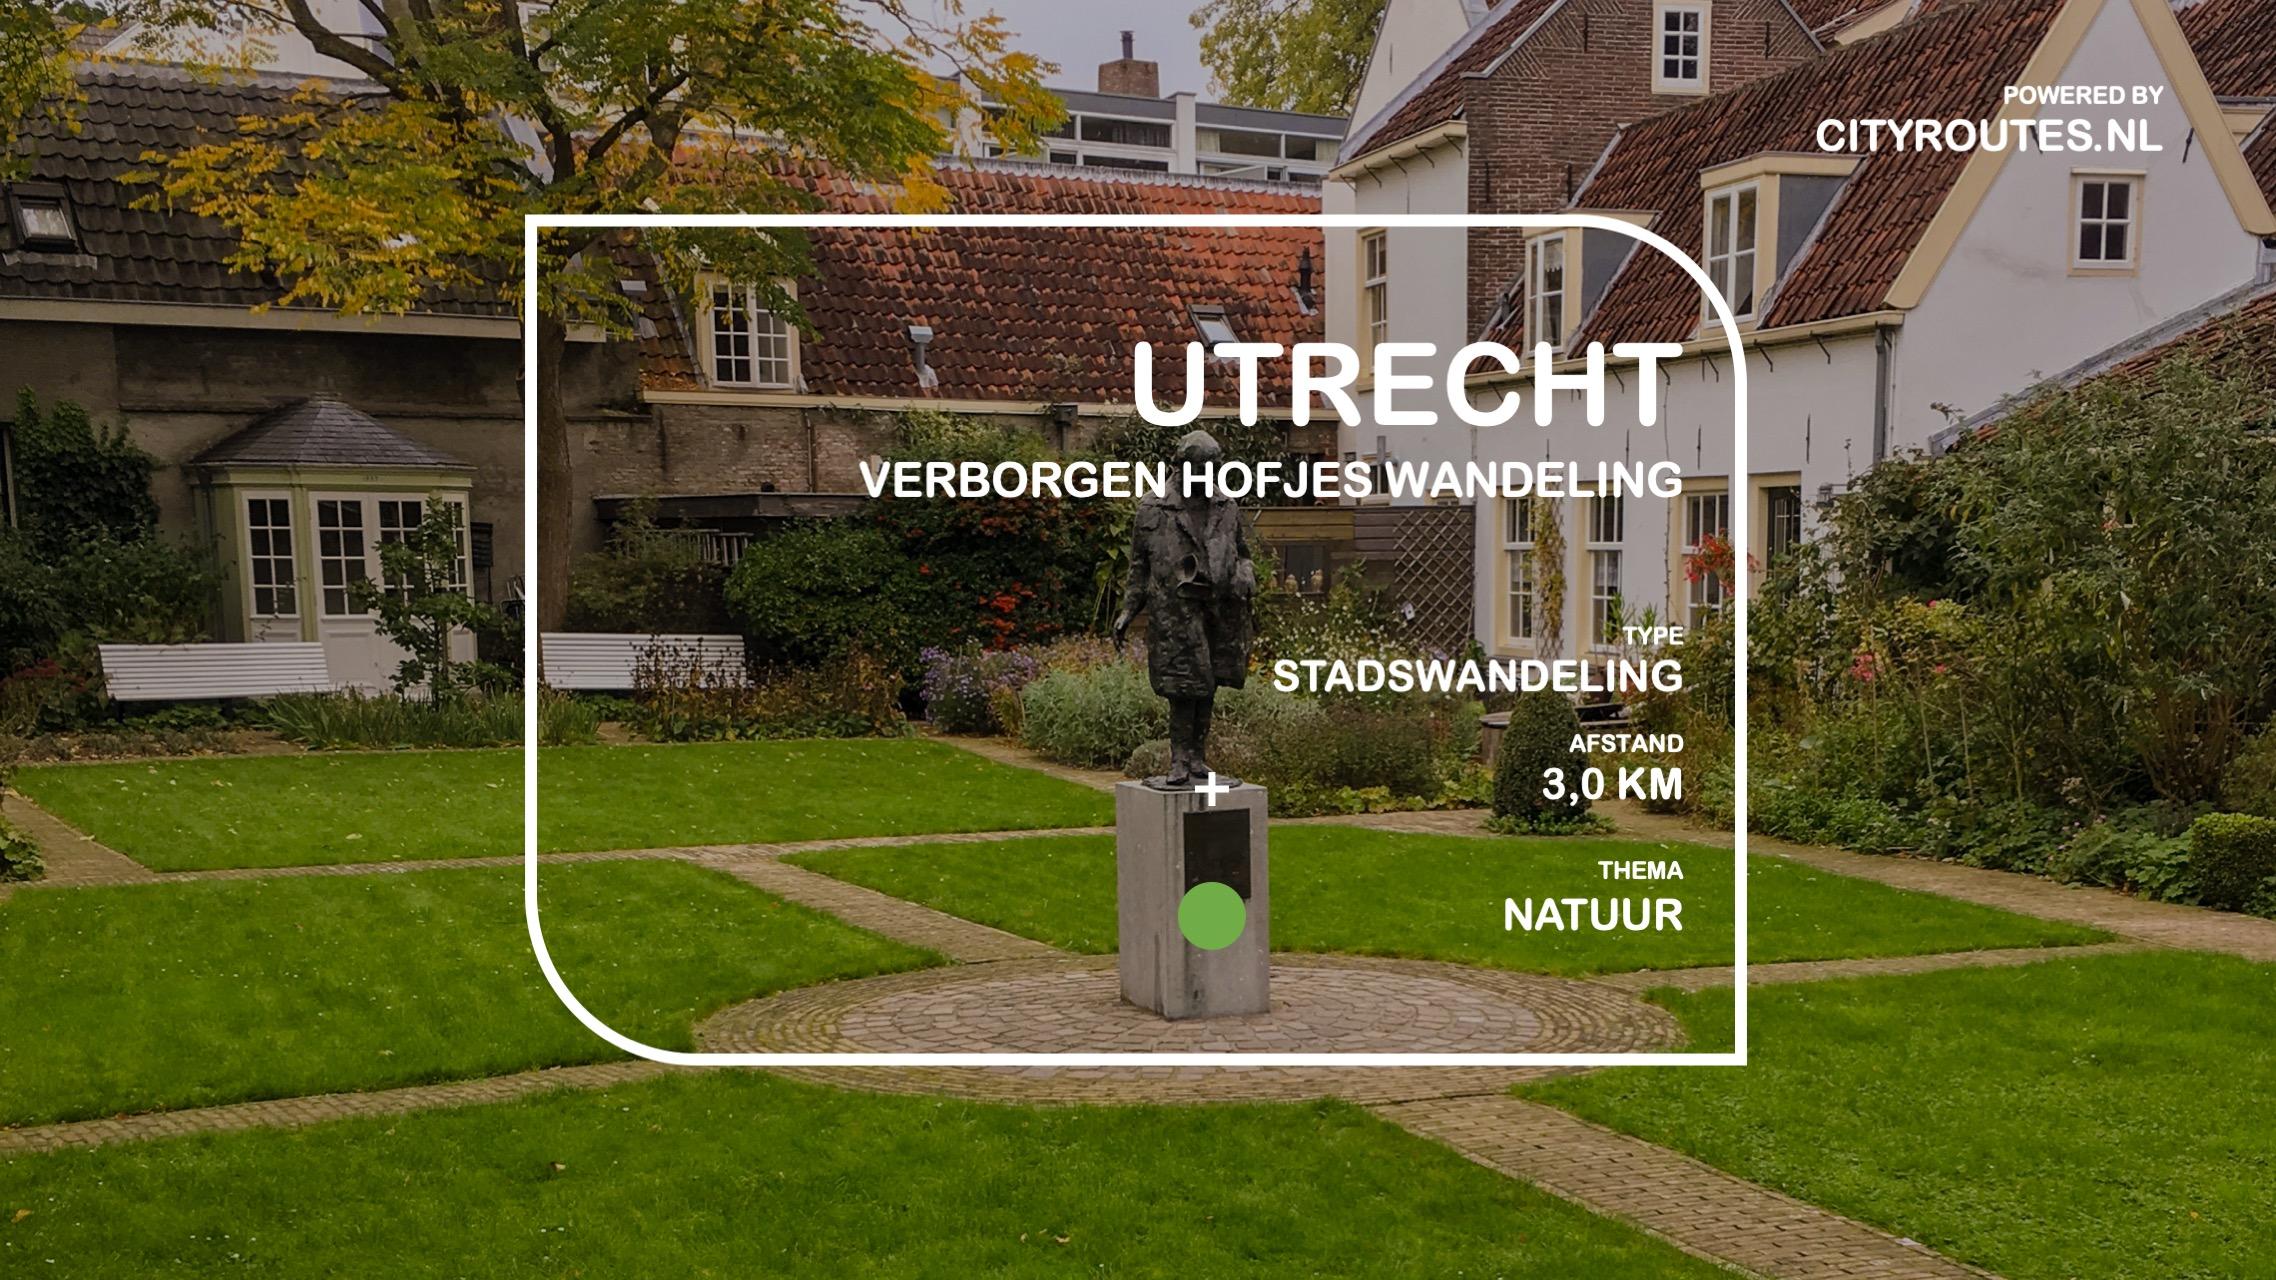 Gratis stadswandeling Utrecht verborgen hofjes